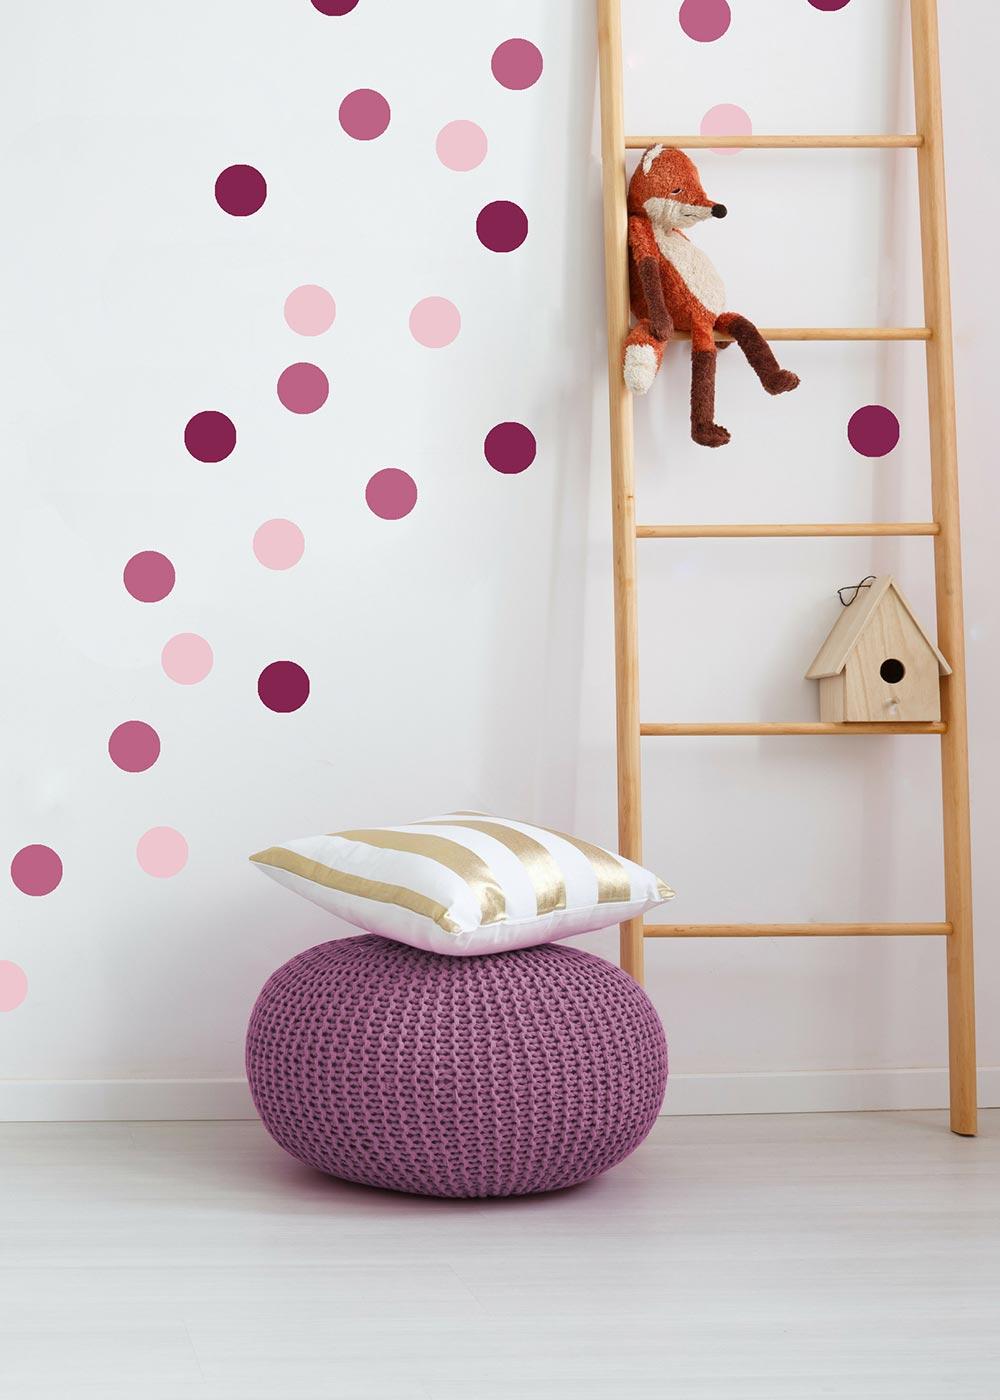 Stickerset Polka dots rosa Beispiel Kinderzimmer Kuscheltier